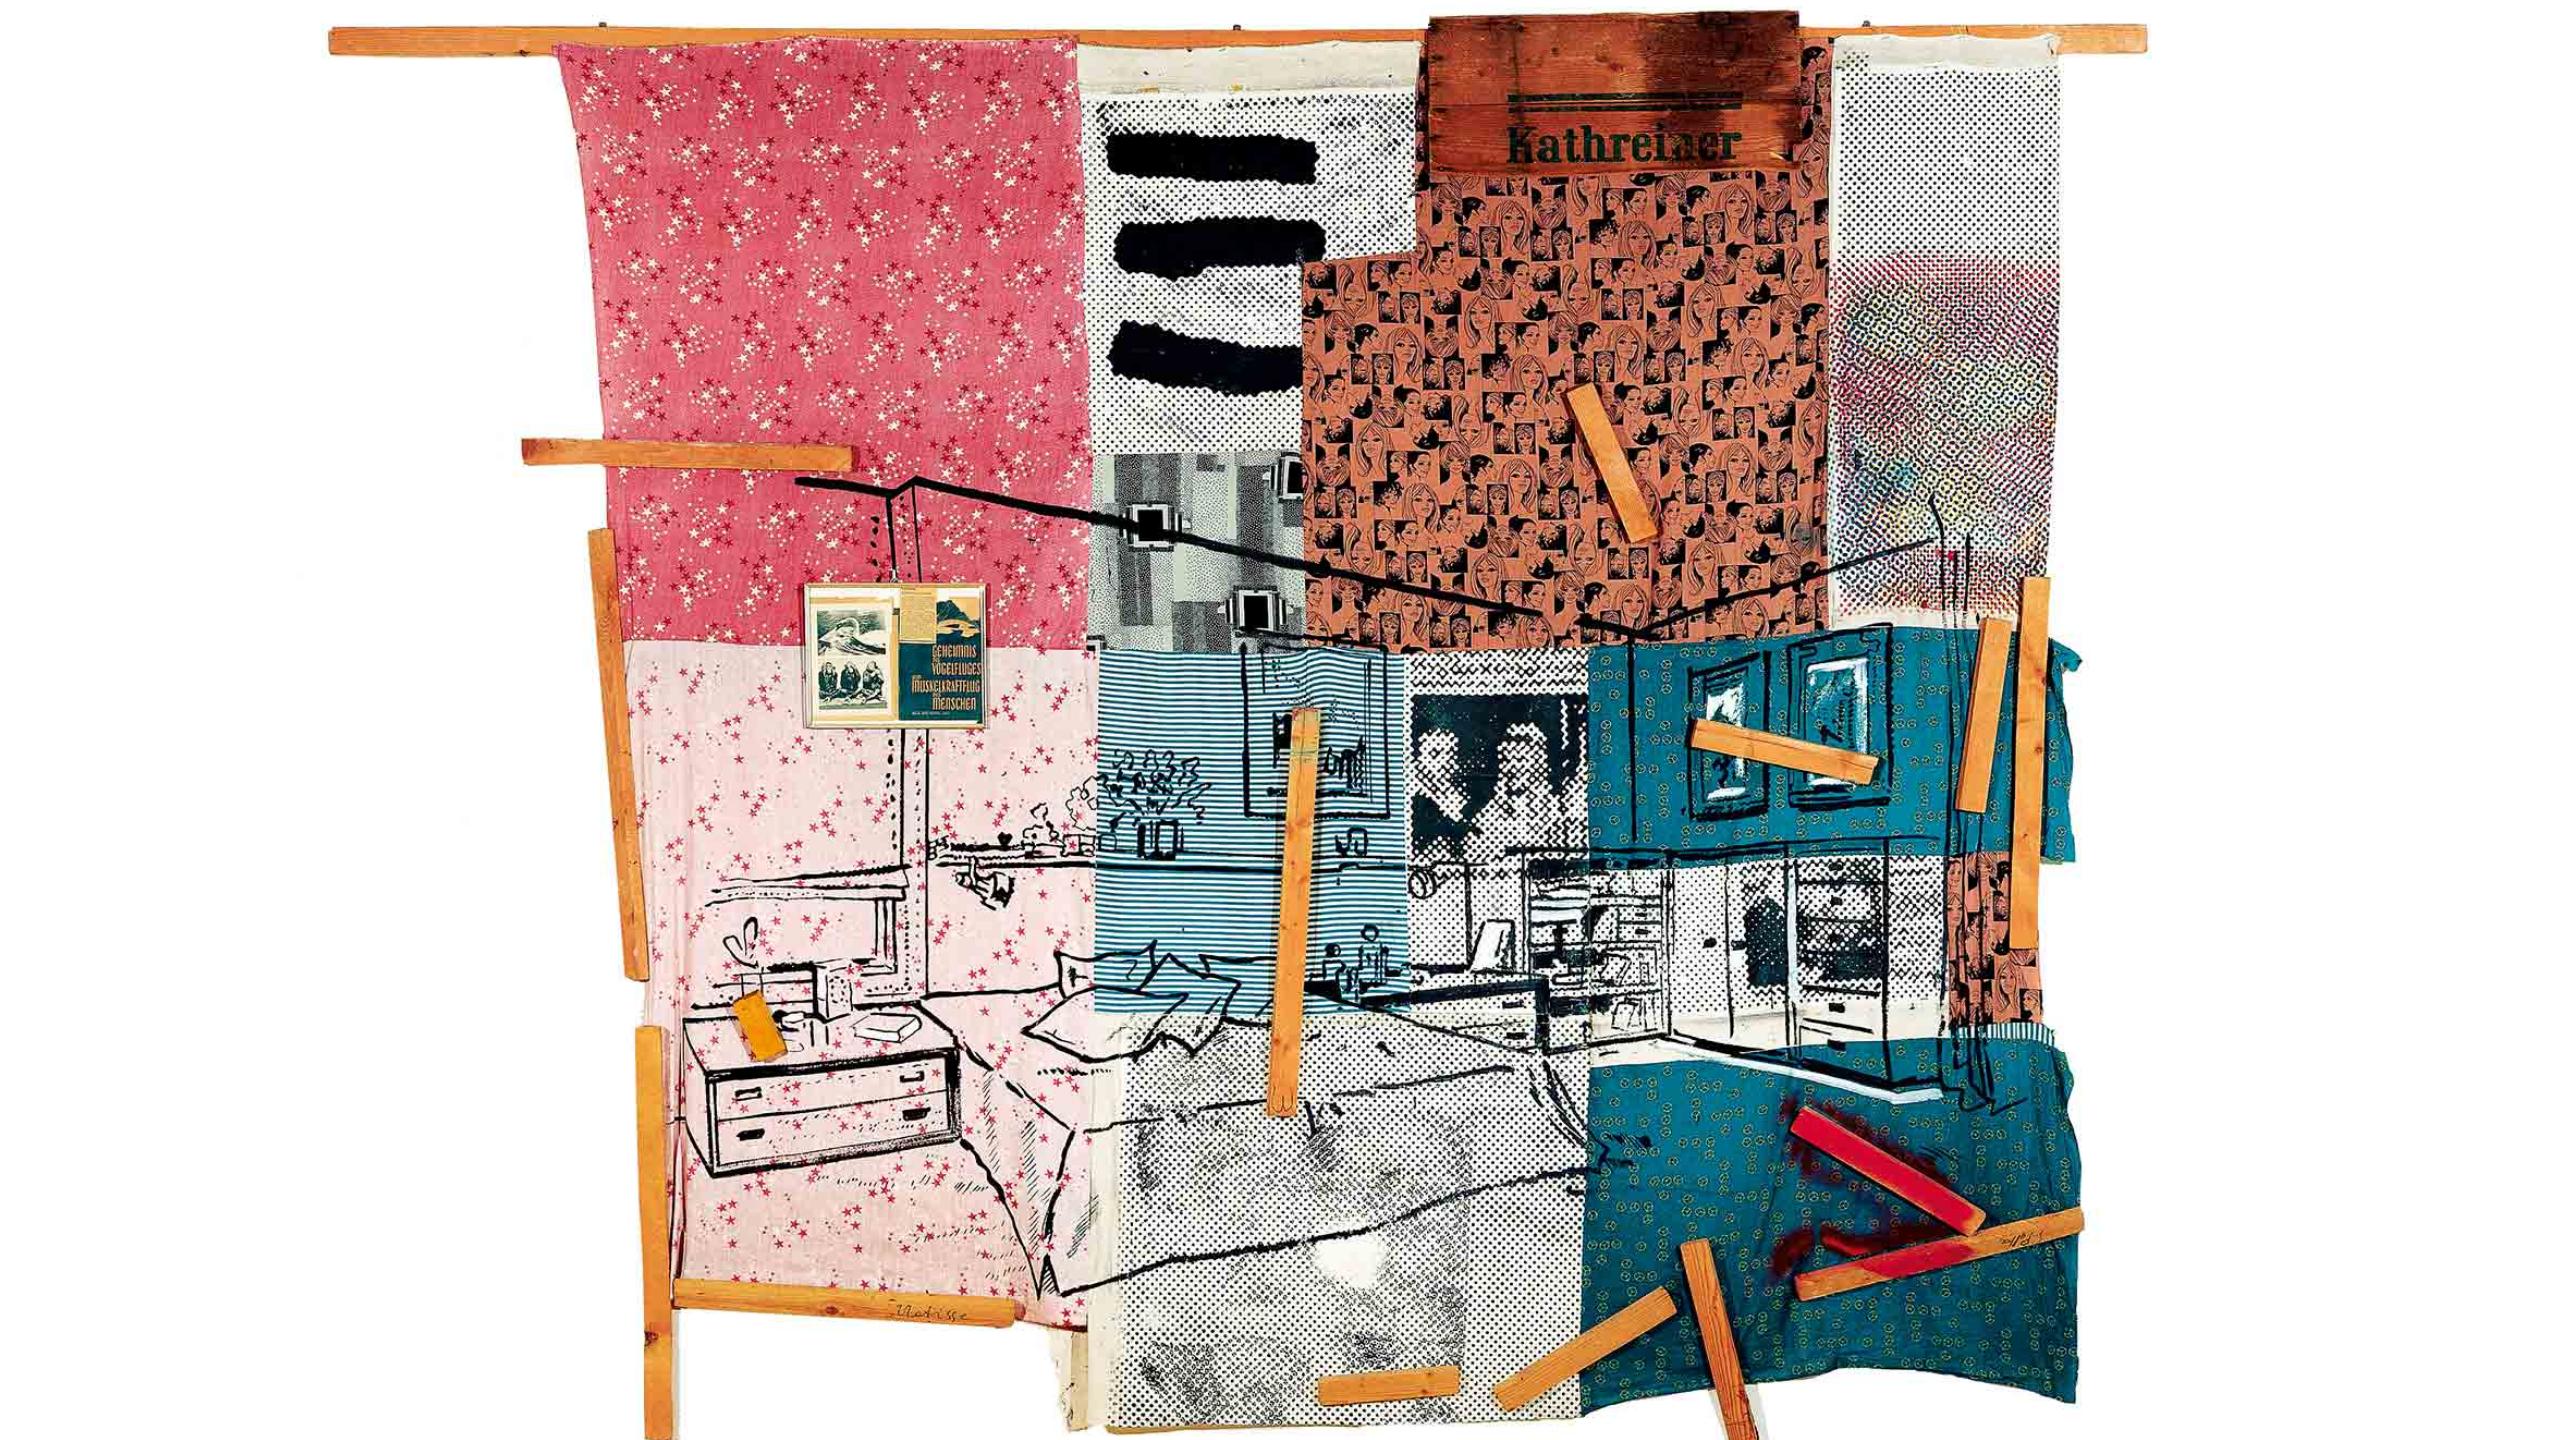 El Guggenheim presenta «La línea del ingenio», una selección de obras de la colección del museo